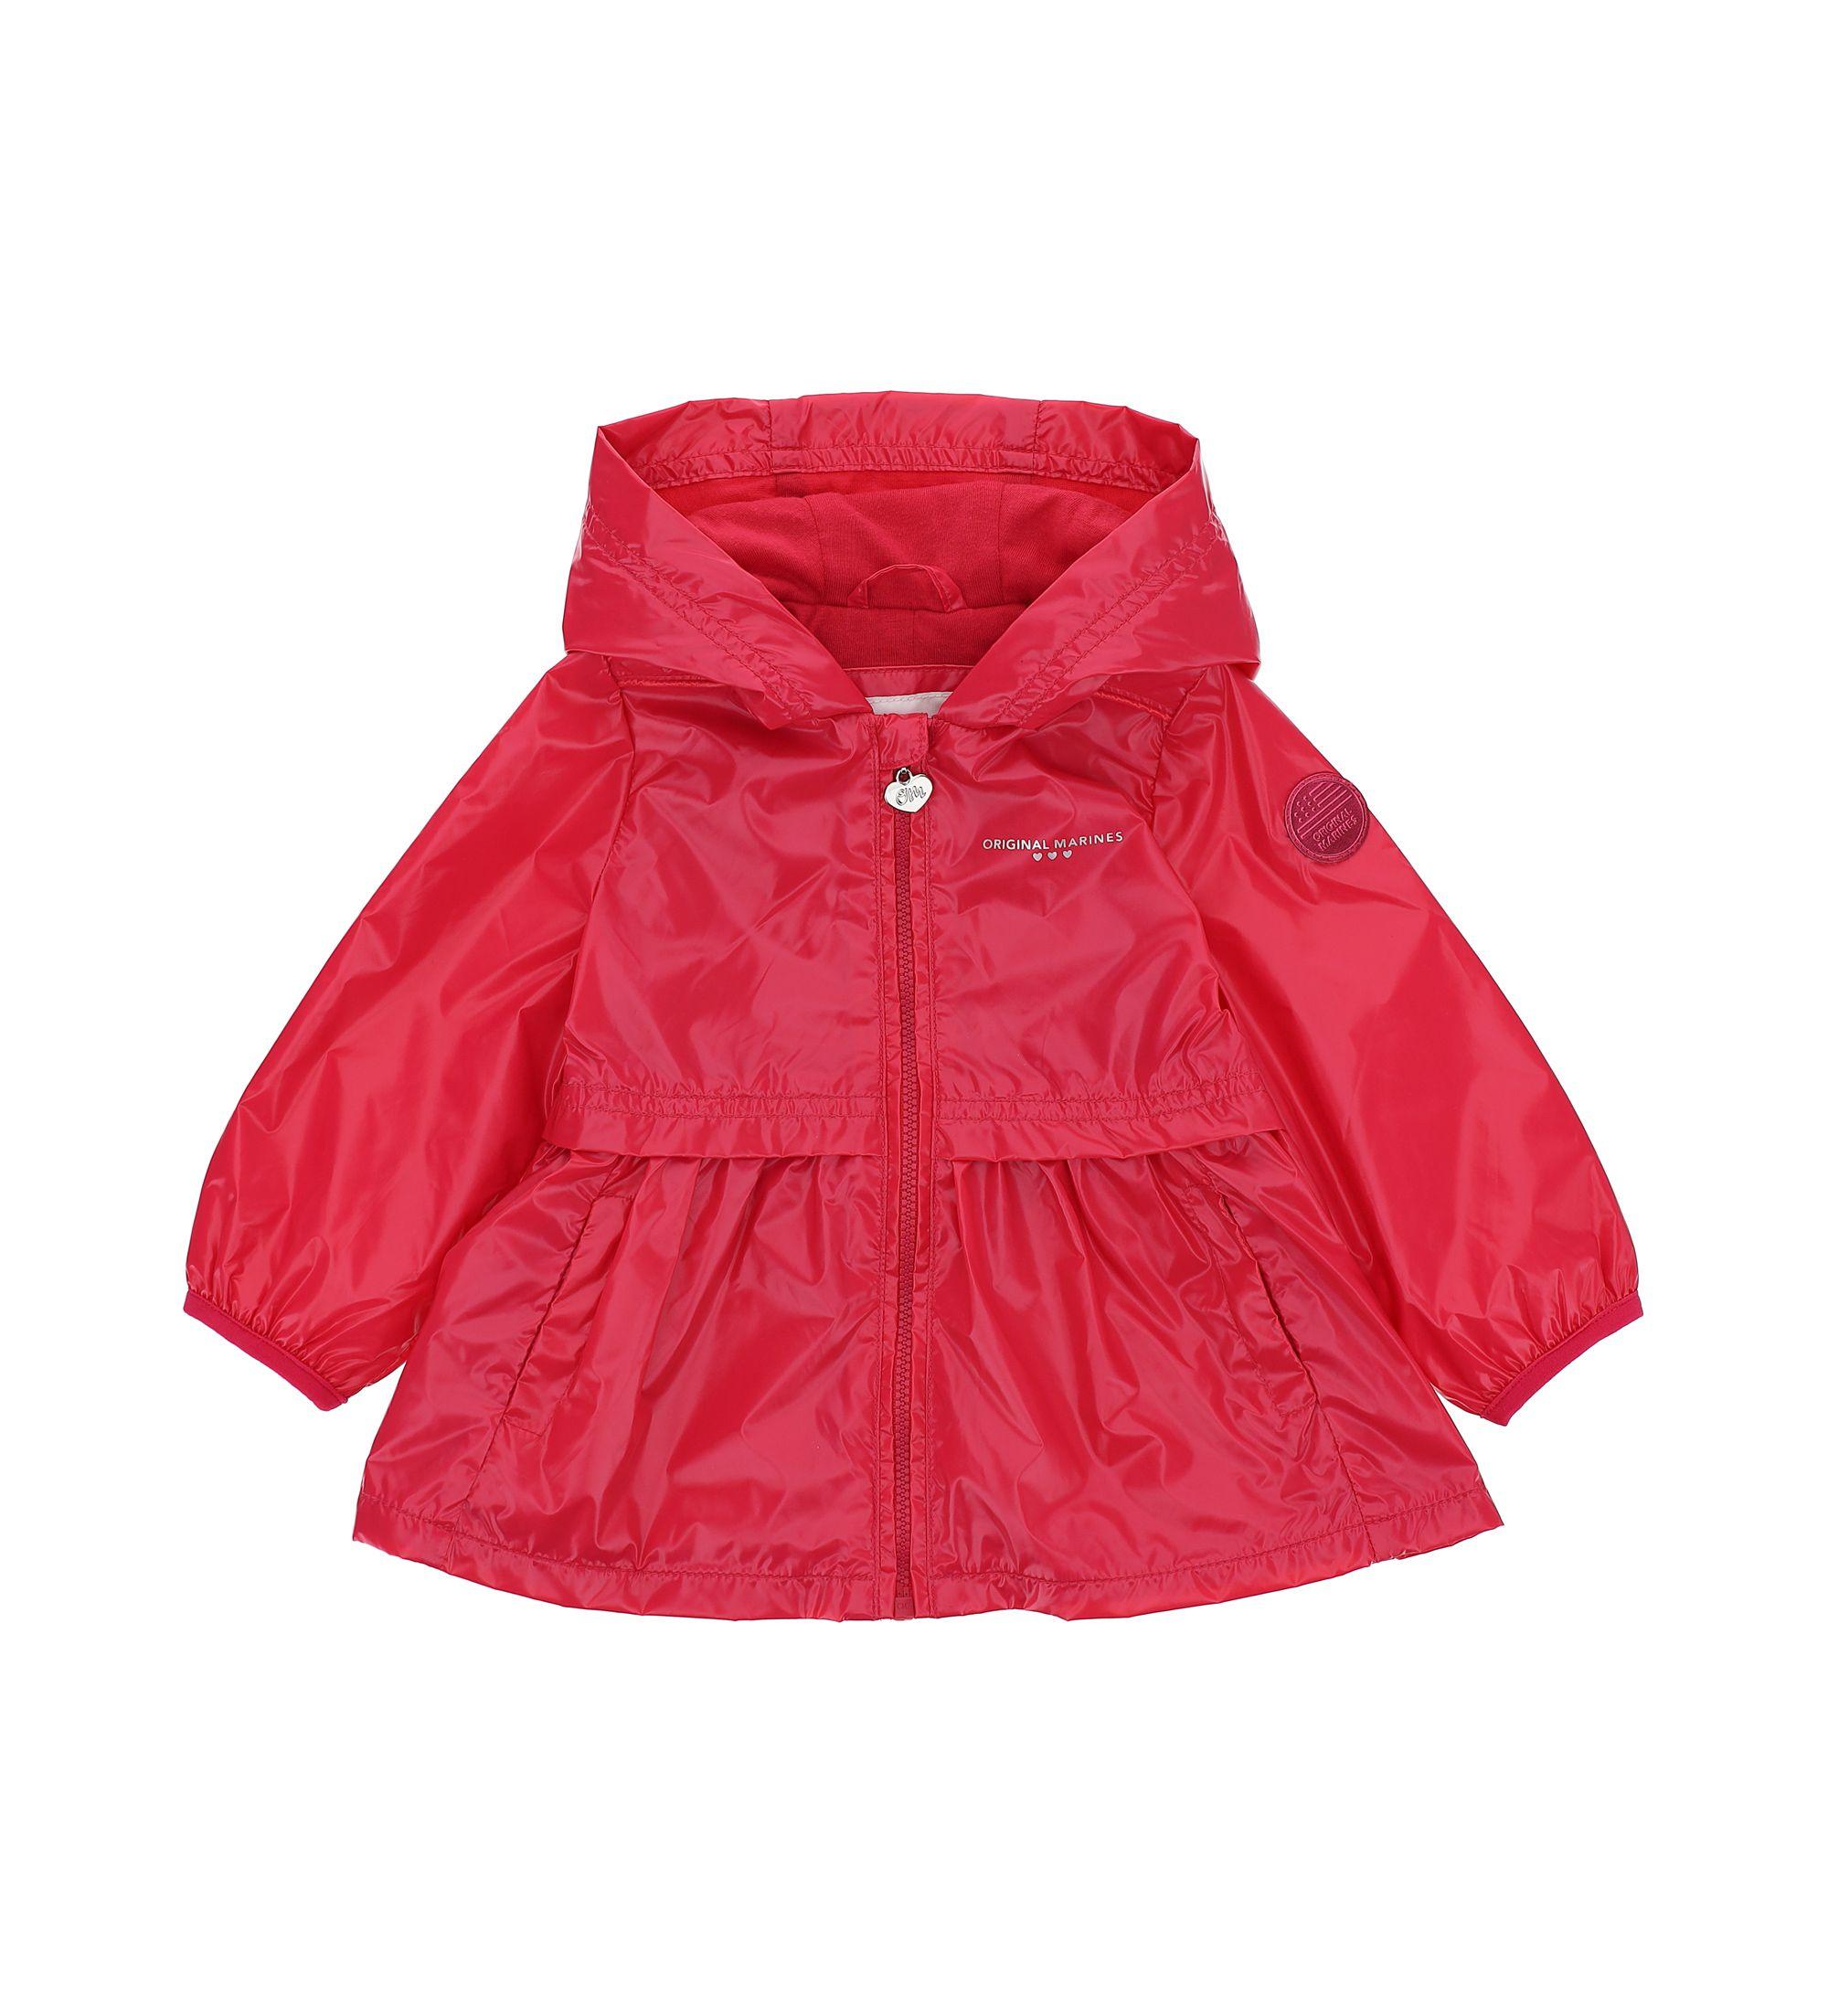 Купить Ветровка Original Marines, розовый, 68, Девочки, весна